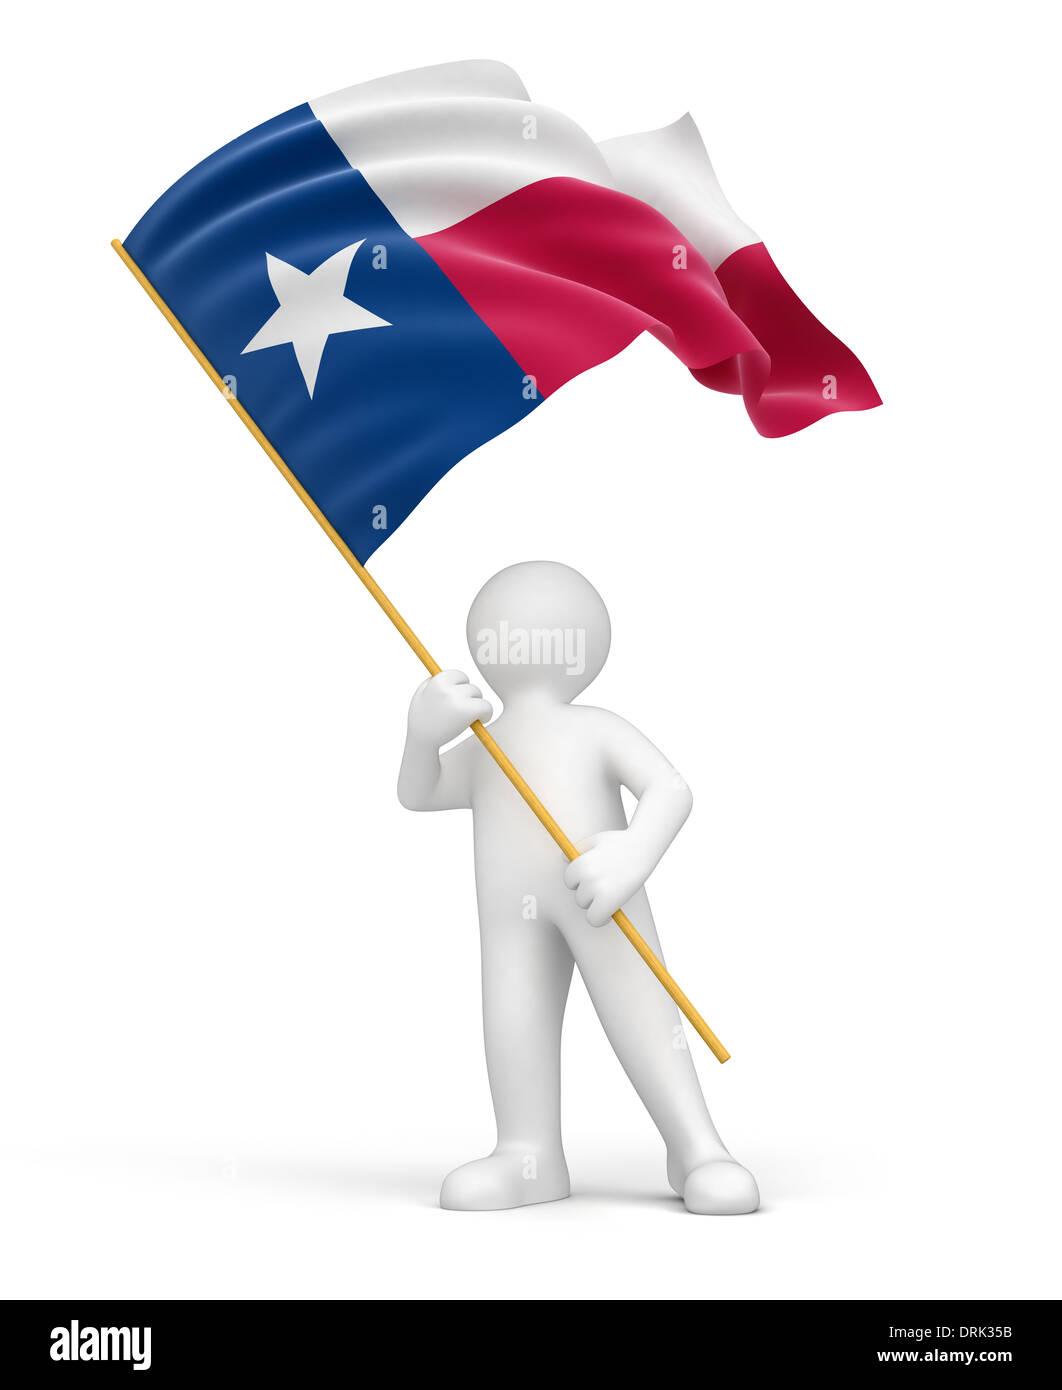 Fantastisch Texas Flagge Zum Ausdrucken Galerie - Beispiel Business ...